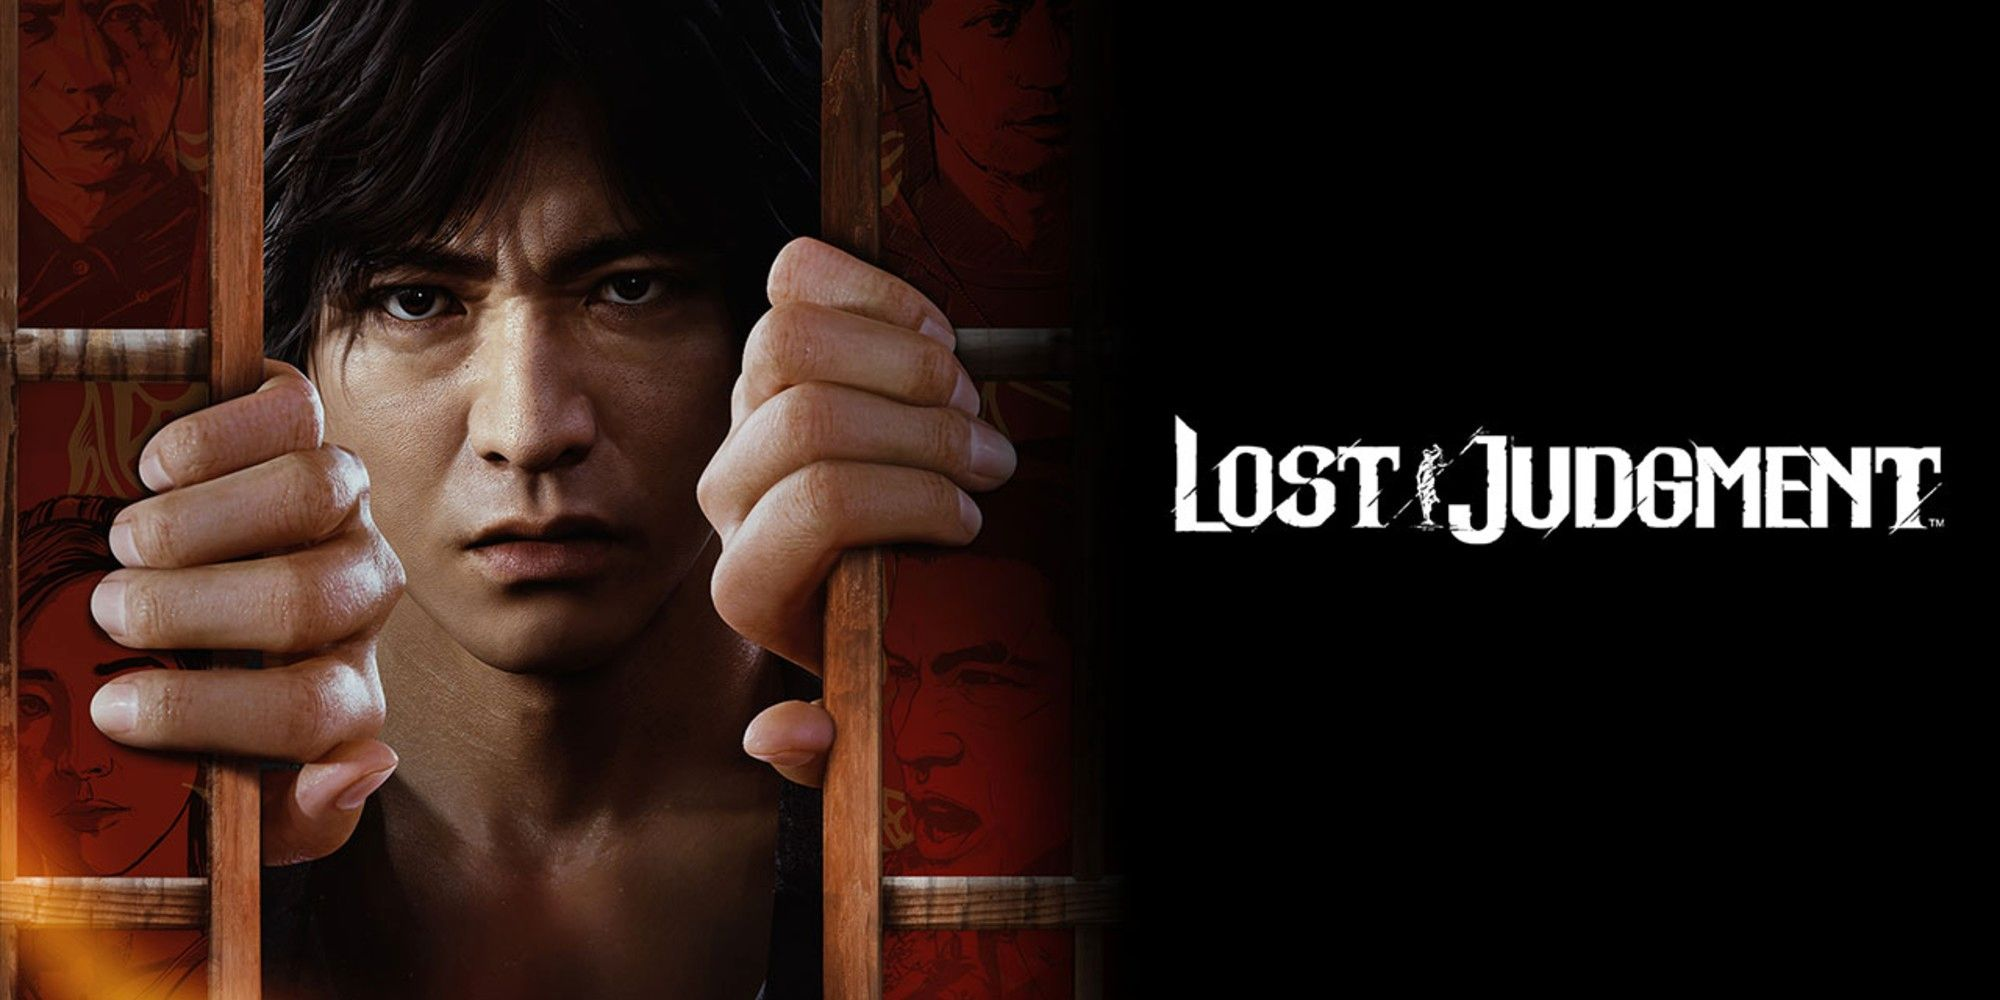 Juicio perdido: ¿Qué edición debería comprar?